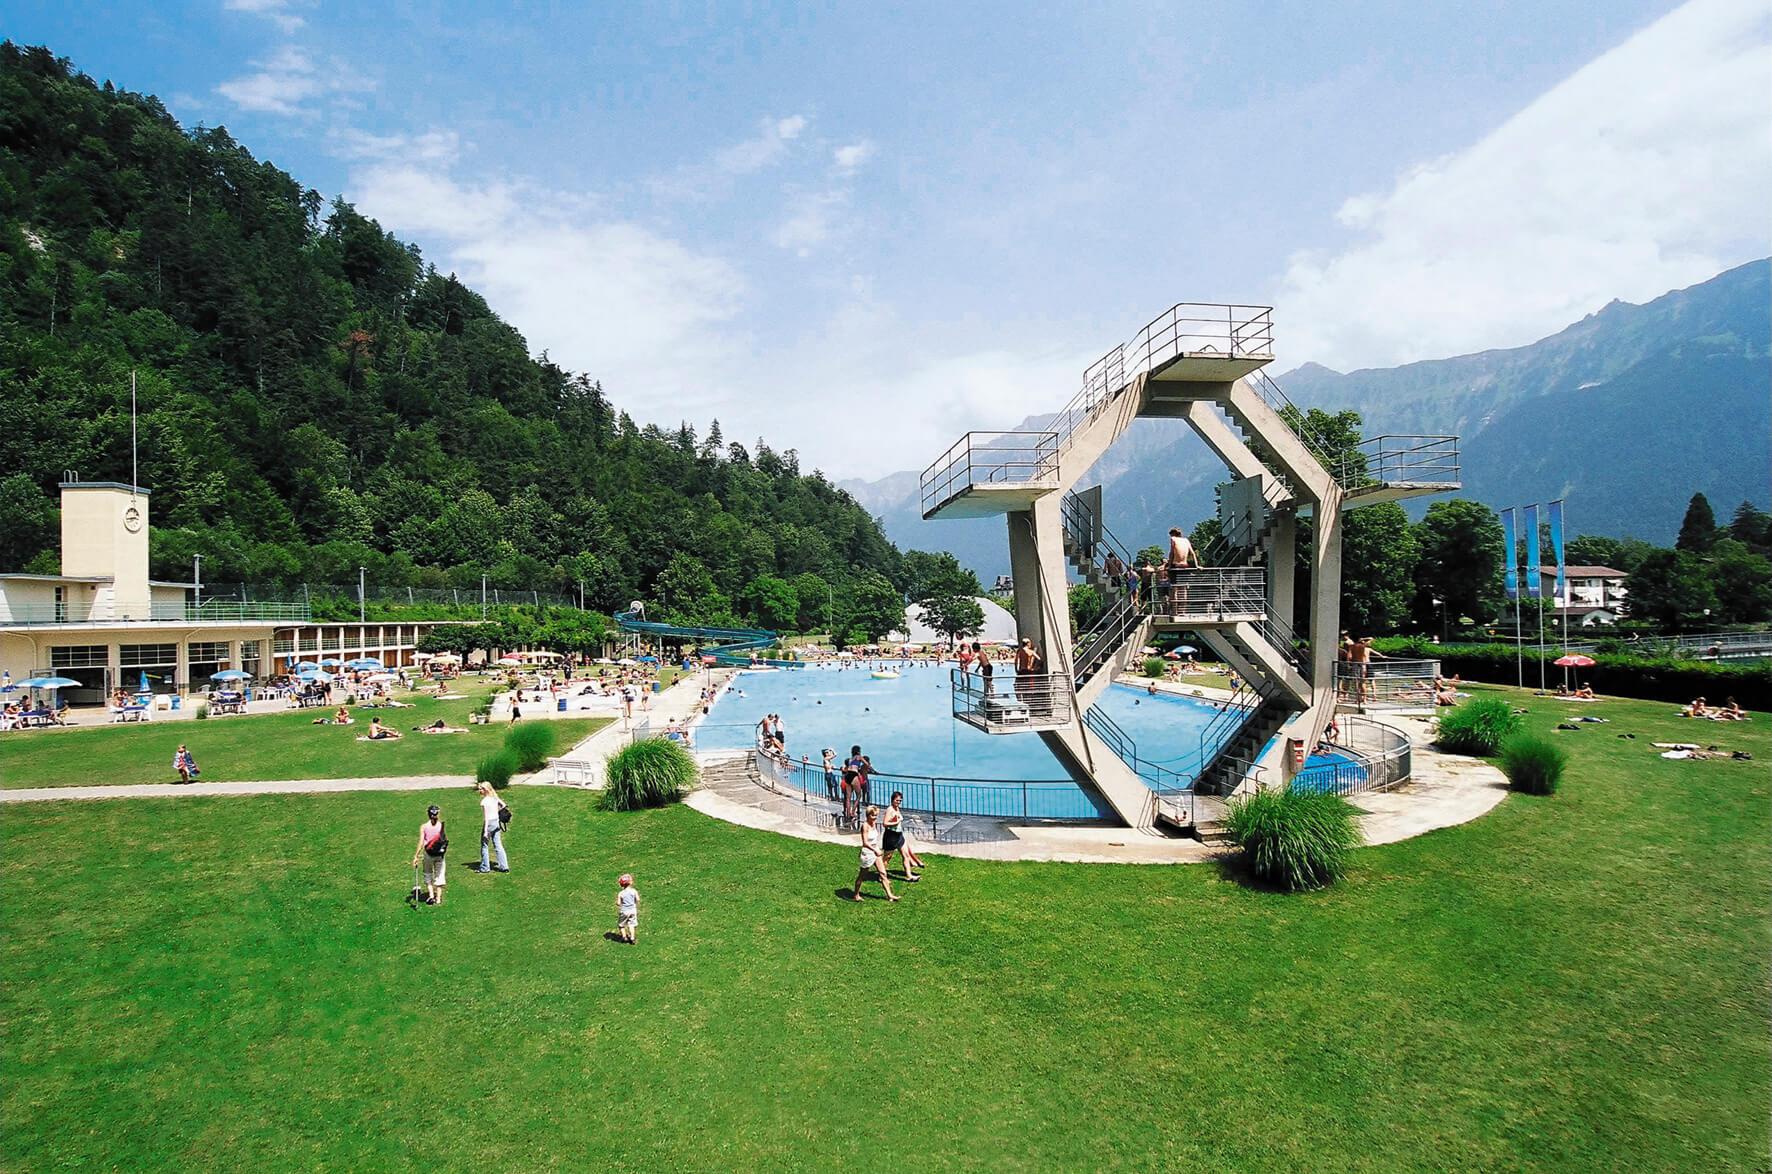 interlaken-boedelibad-springturm-sommer-liegewiese